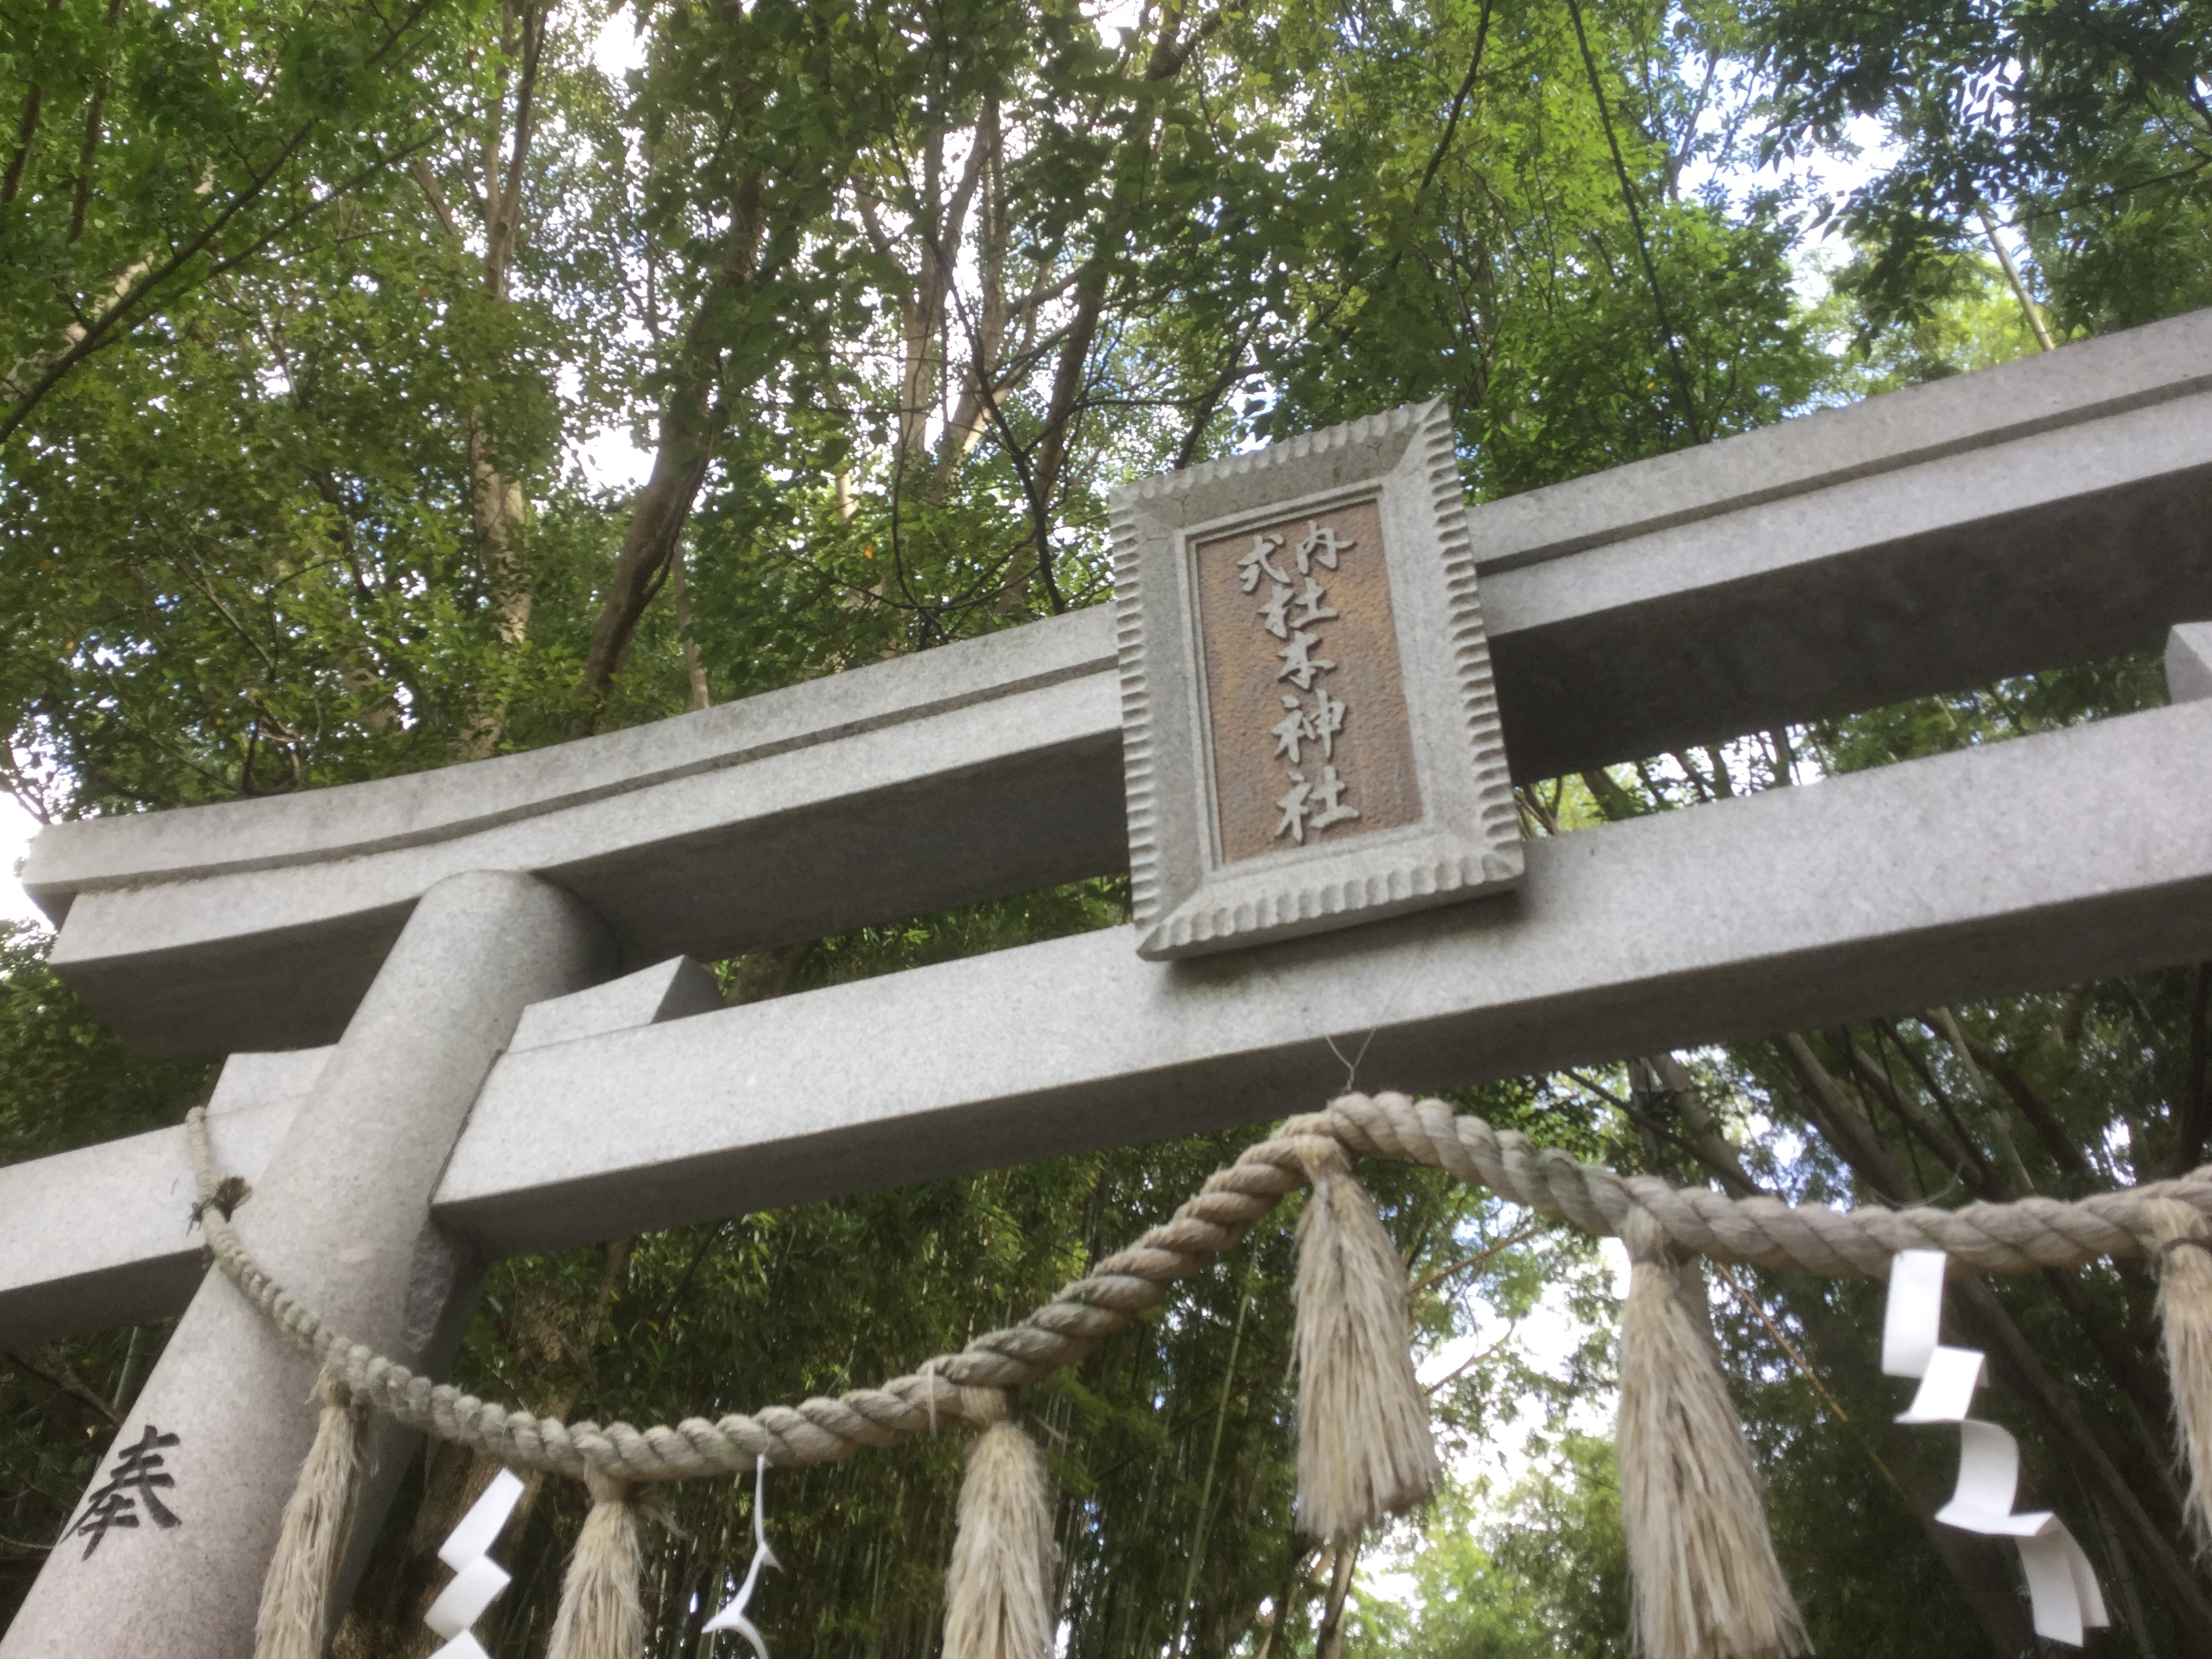 杜本神社】(もりもとじんじゃ)...